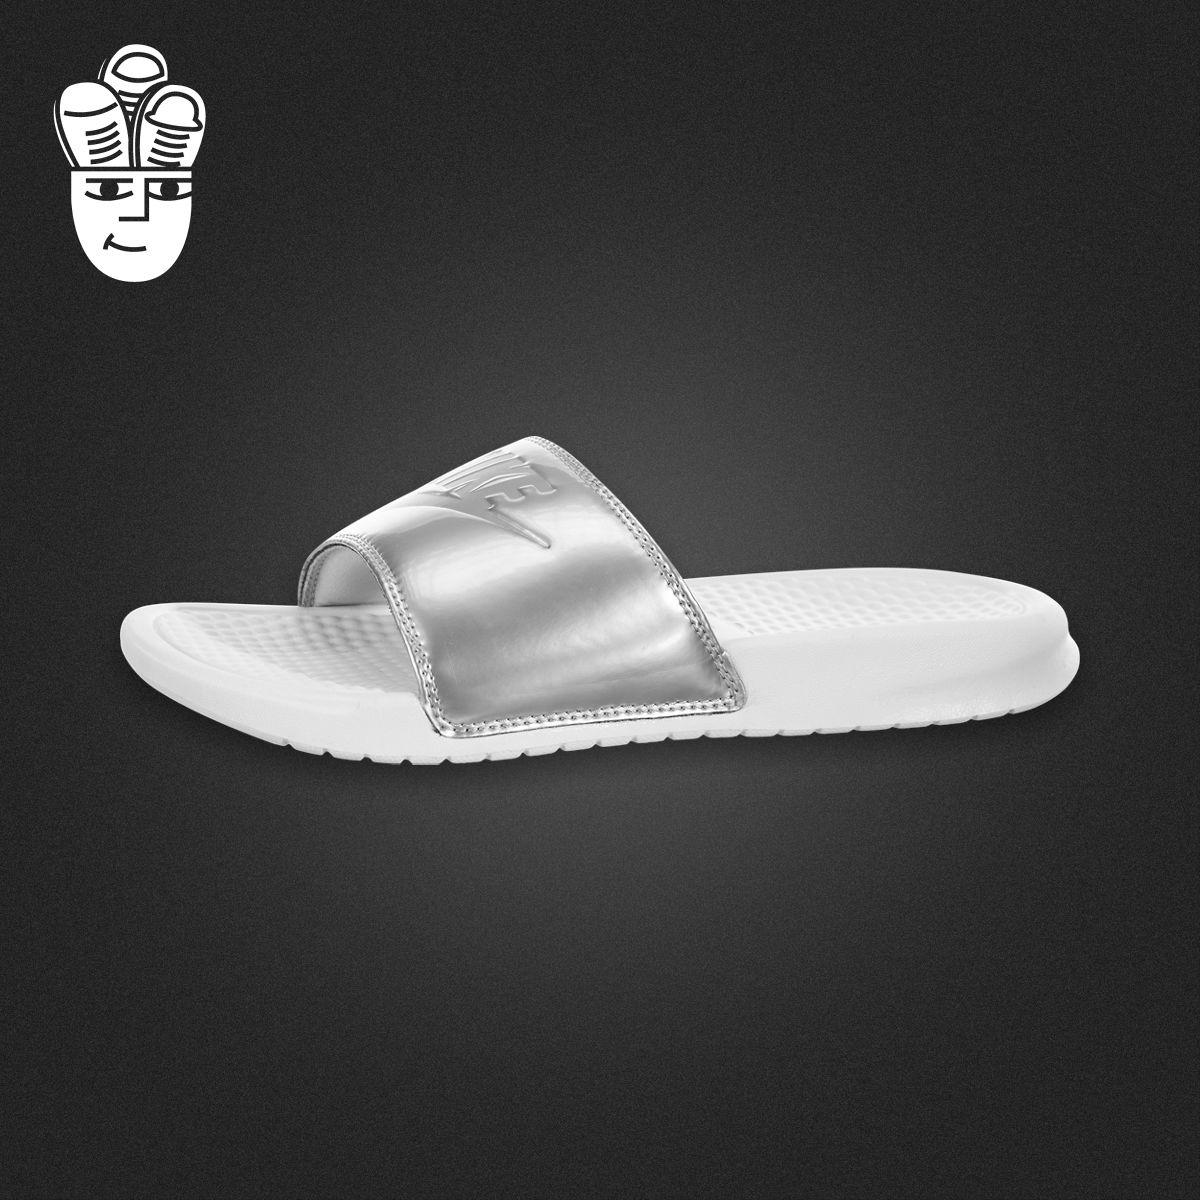 12月02日最新优惠Nike Benassi JDI 耐克女子运动沙滩鞋 时尚拖鞋 343881